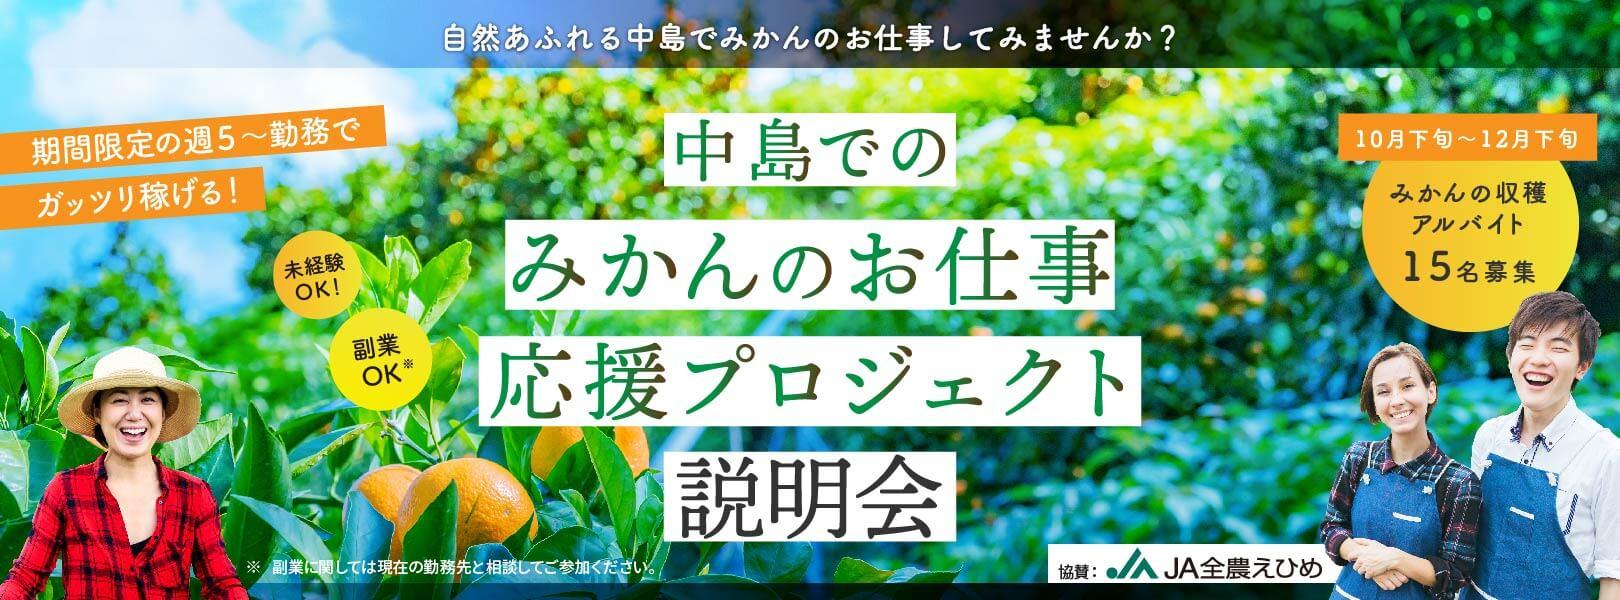 中島でのみかんお仕事応援プロジェクト◆説明会